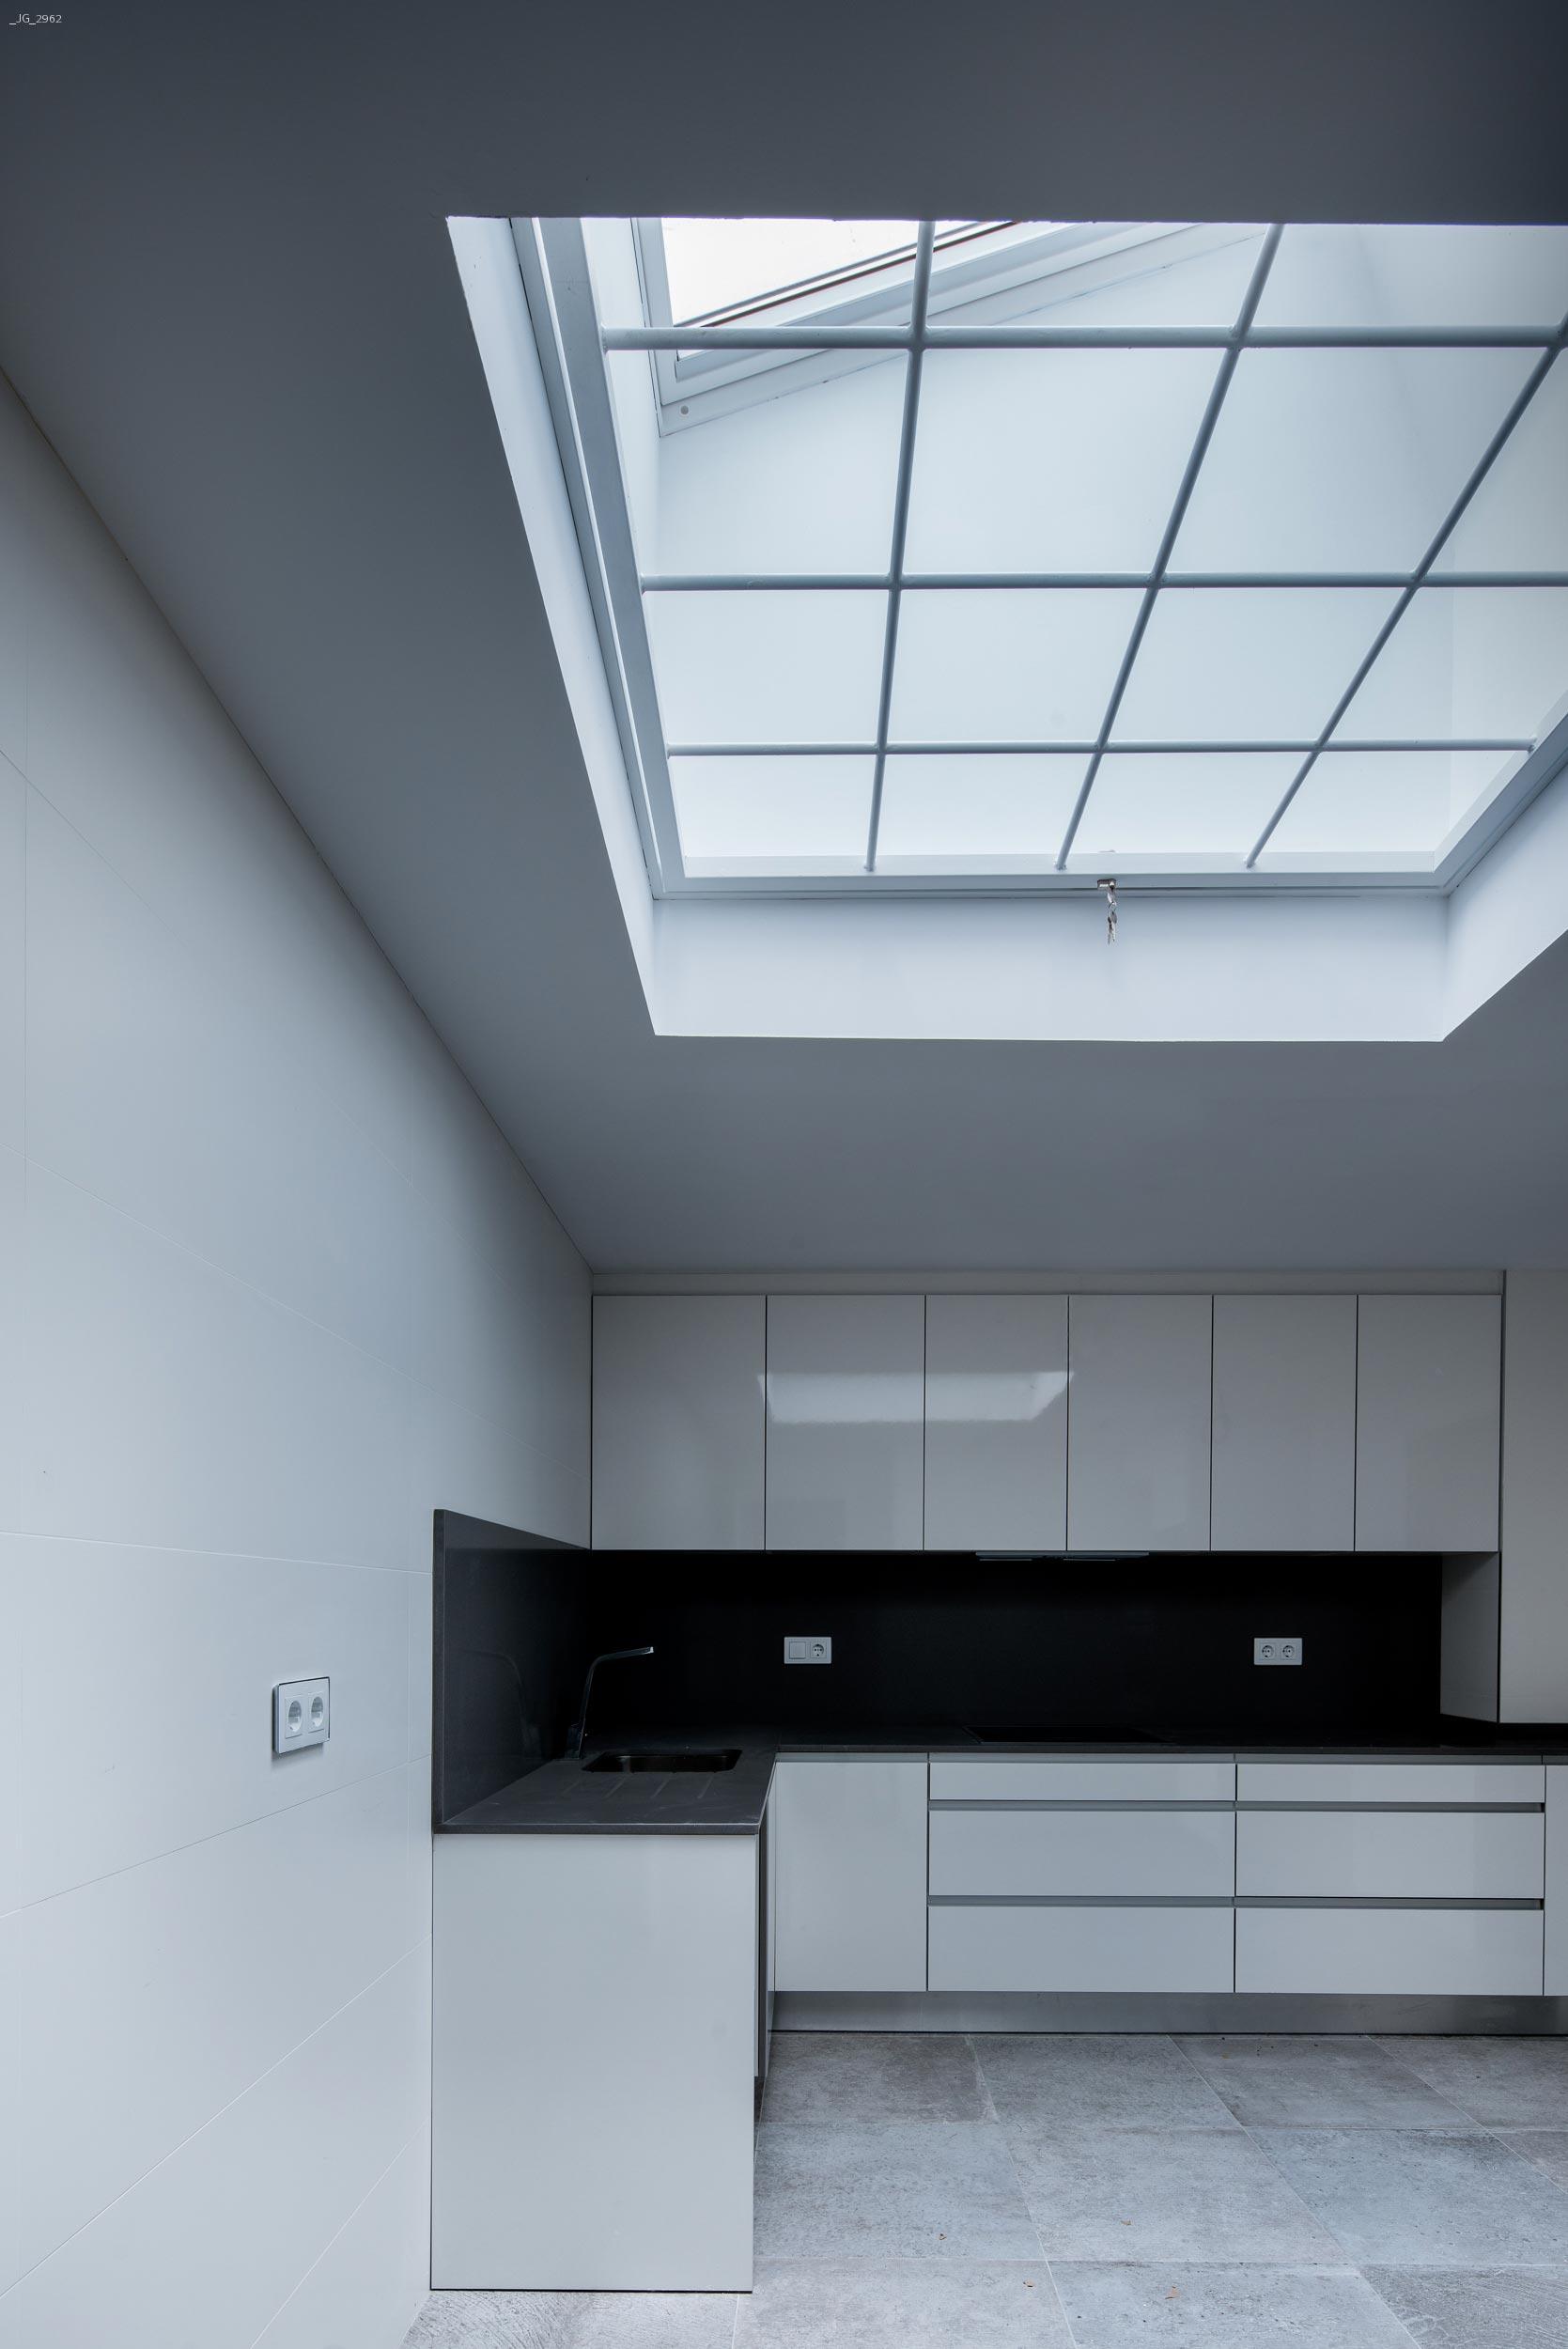 Ventana de techo en moderna cocina blanca.